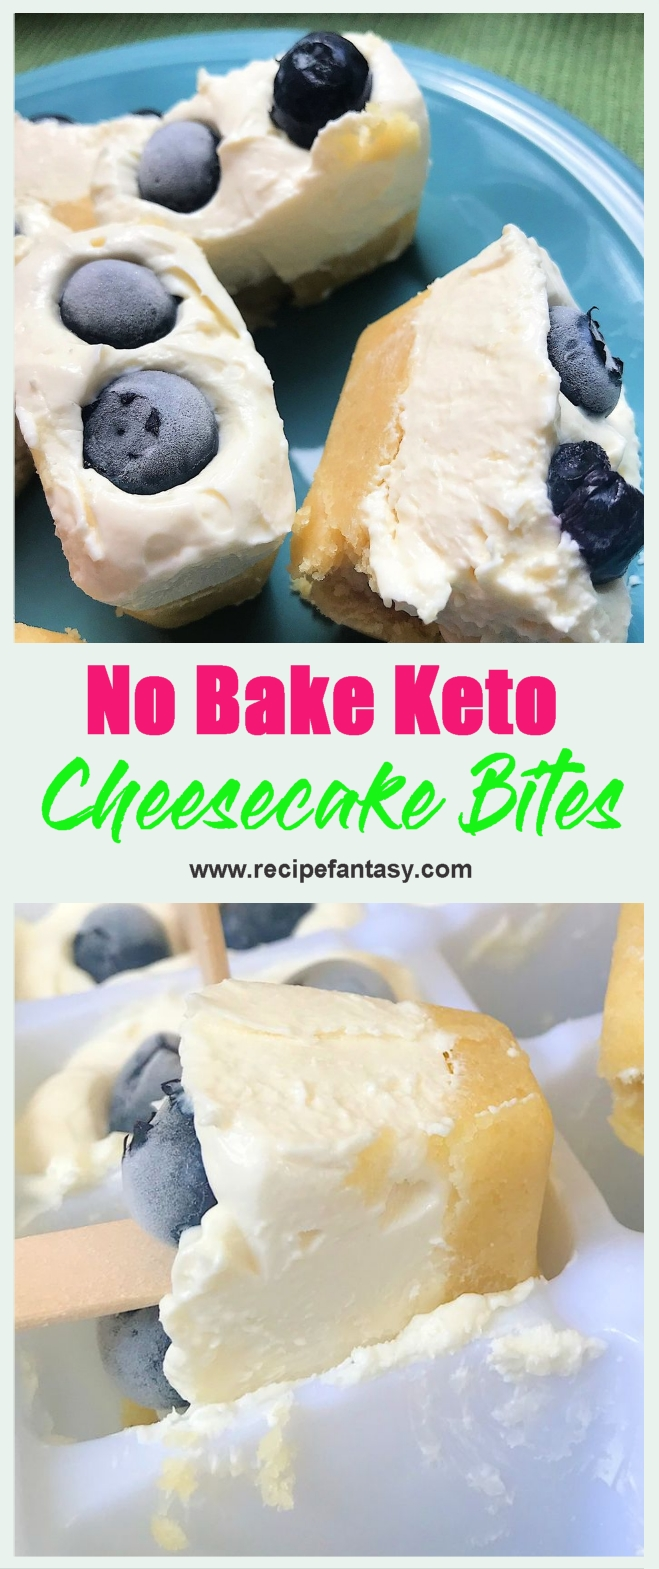 No Bake Keto Cheesecake Bites